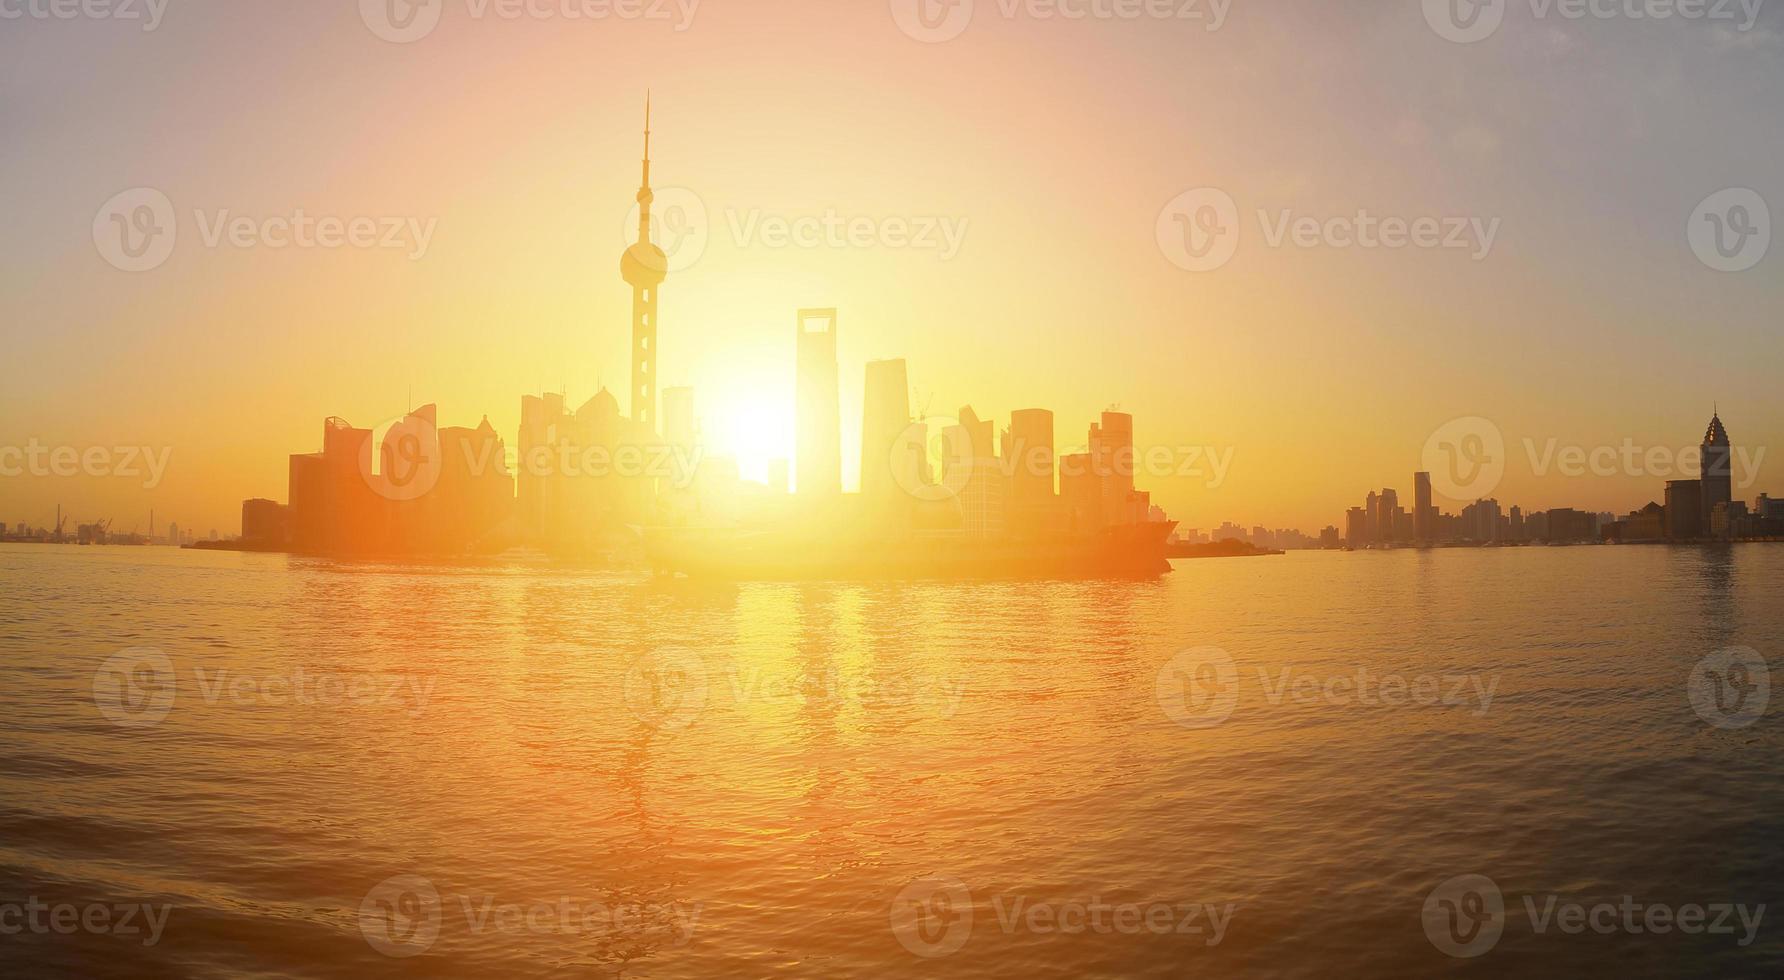 lujiazui finance & zone commerciale de shanghai skyline historique au panoramique photo